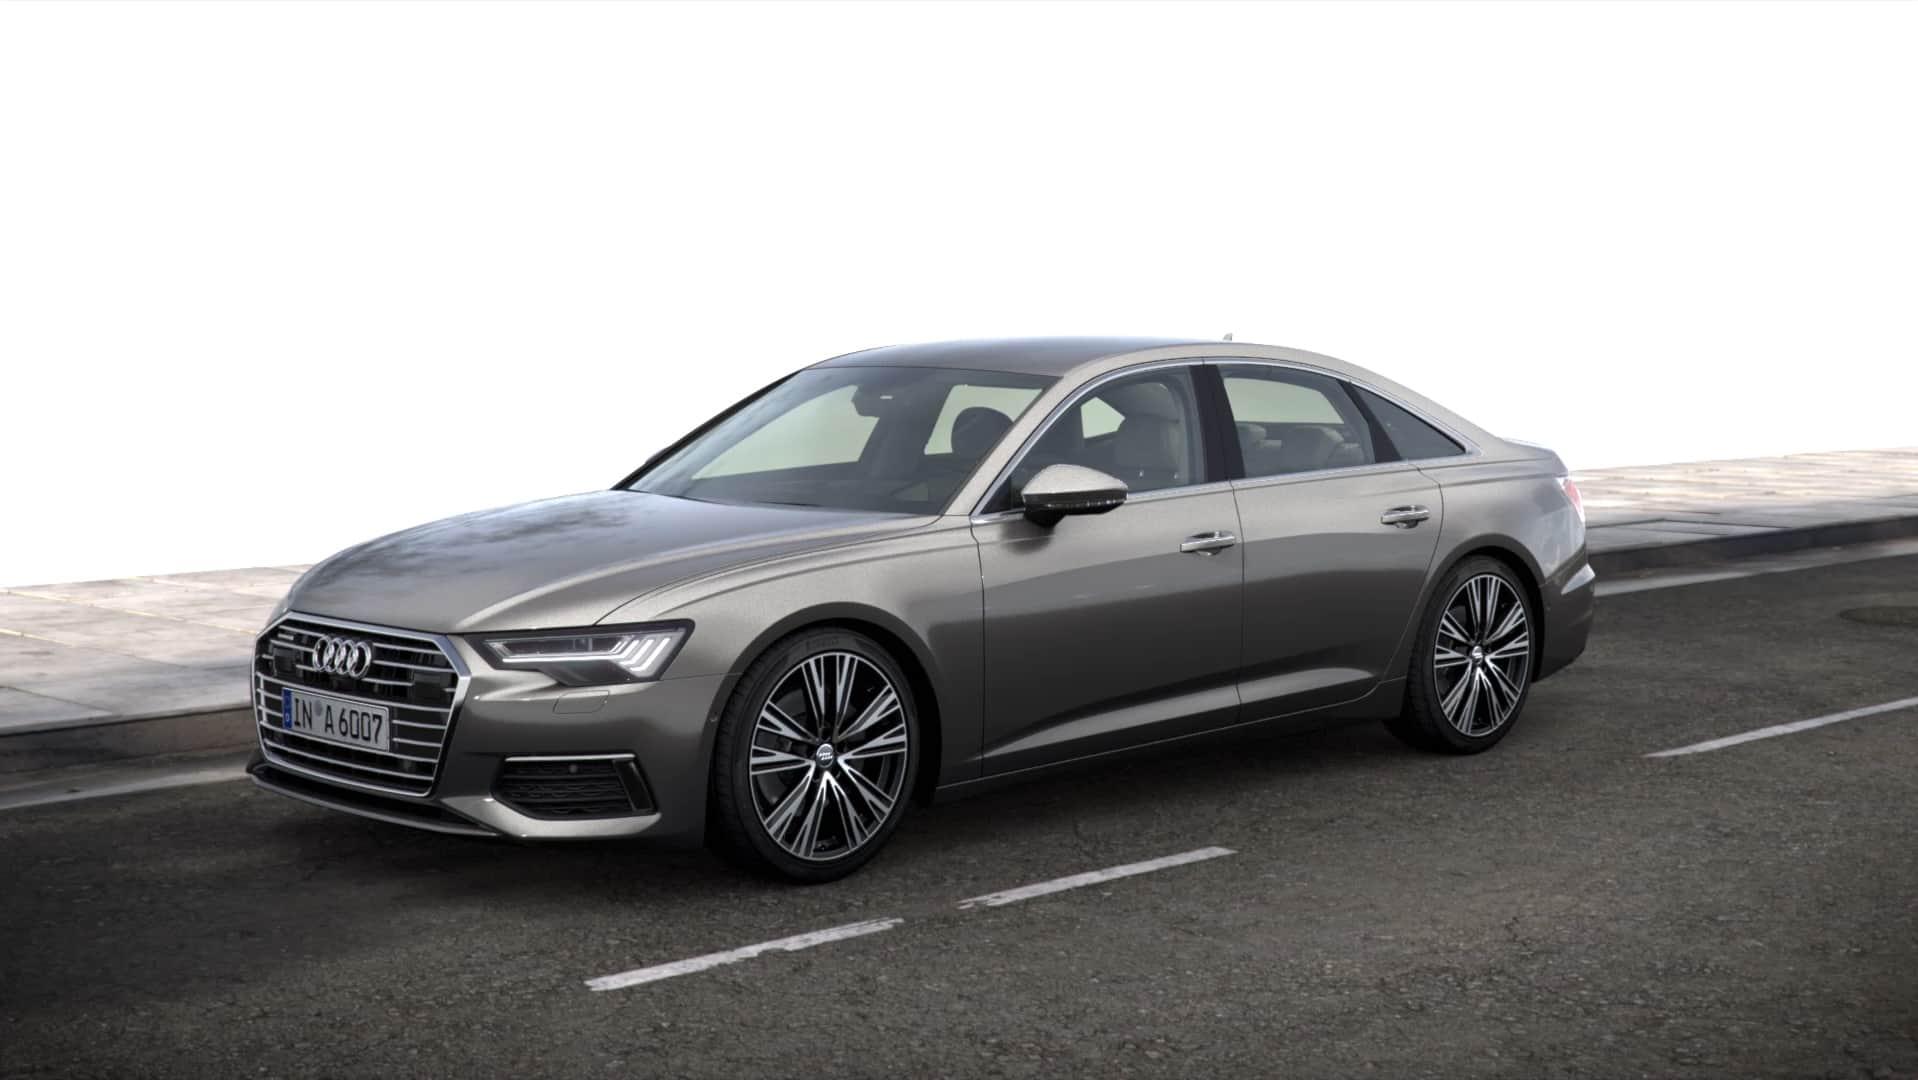 Kelebihan Audi A6 Top Model Tahun Ini